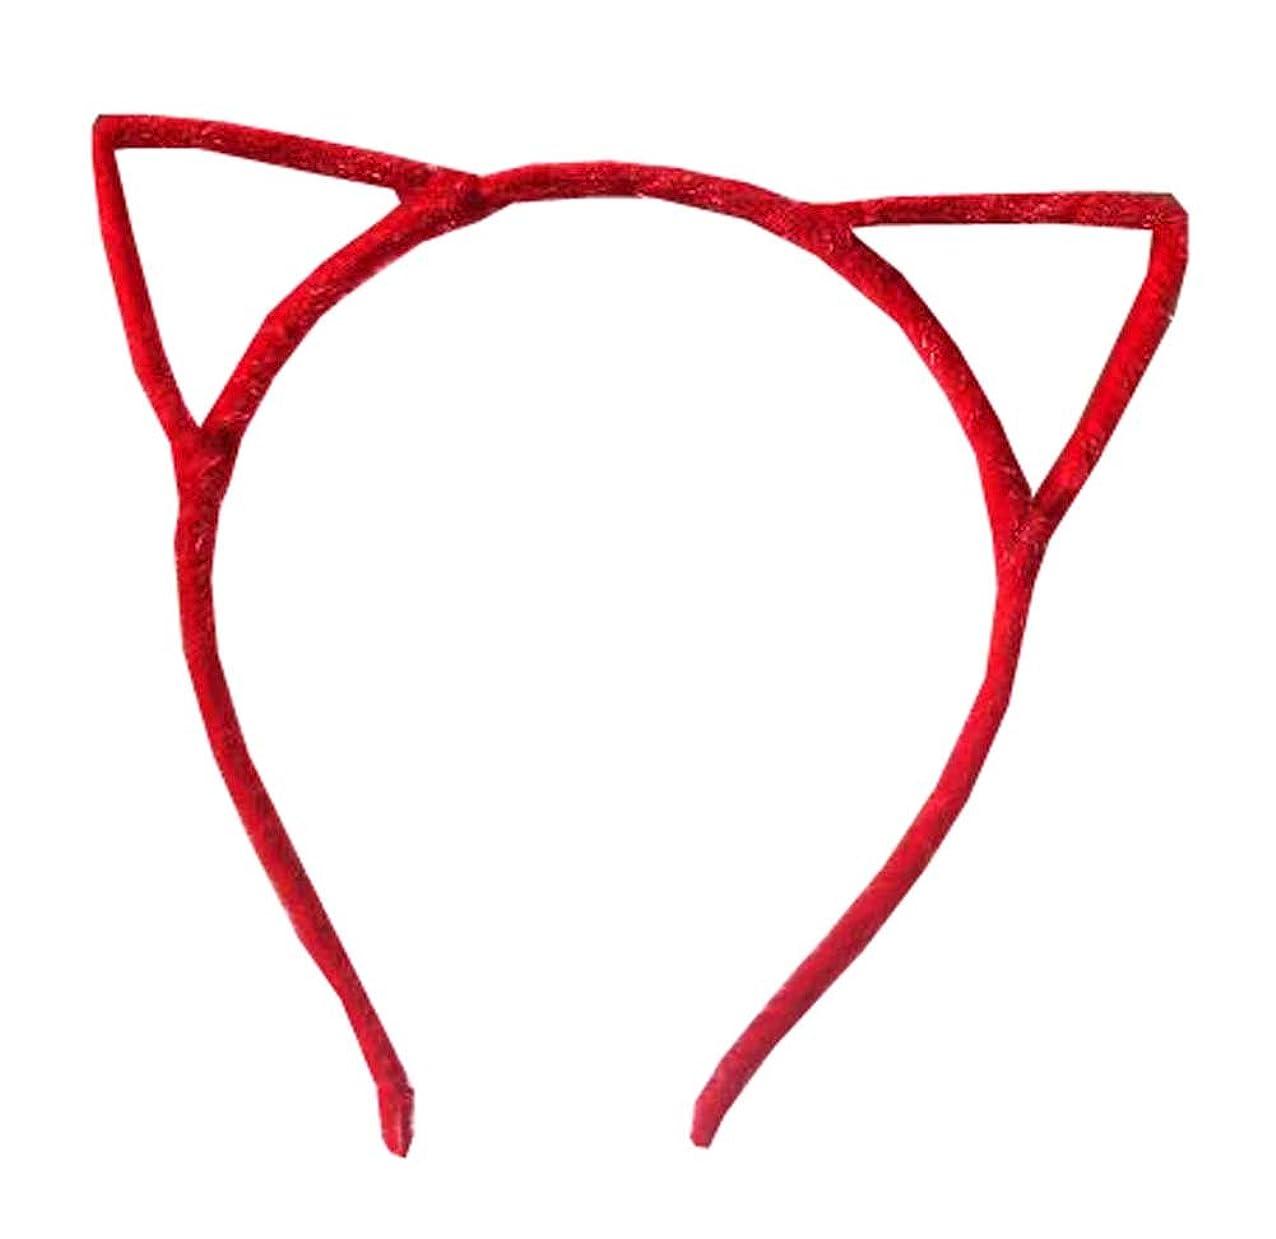 再集計スケルトン冷える猫の耳のヘッドバンド髪のフープヘアバンドメイクアップヘッドウェアファッションヘッドバンド - E